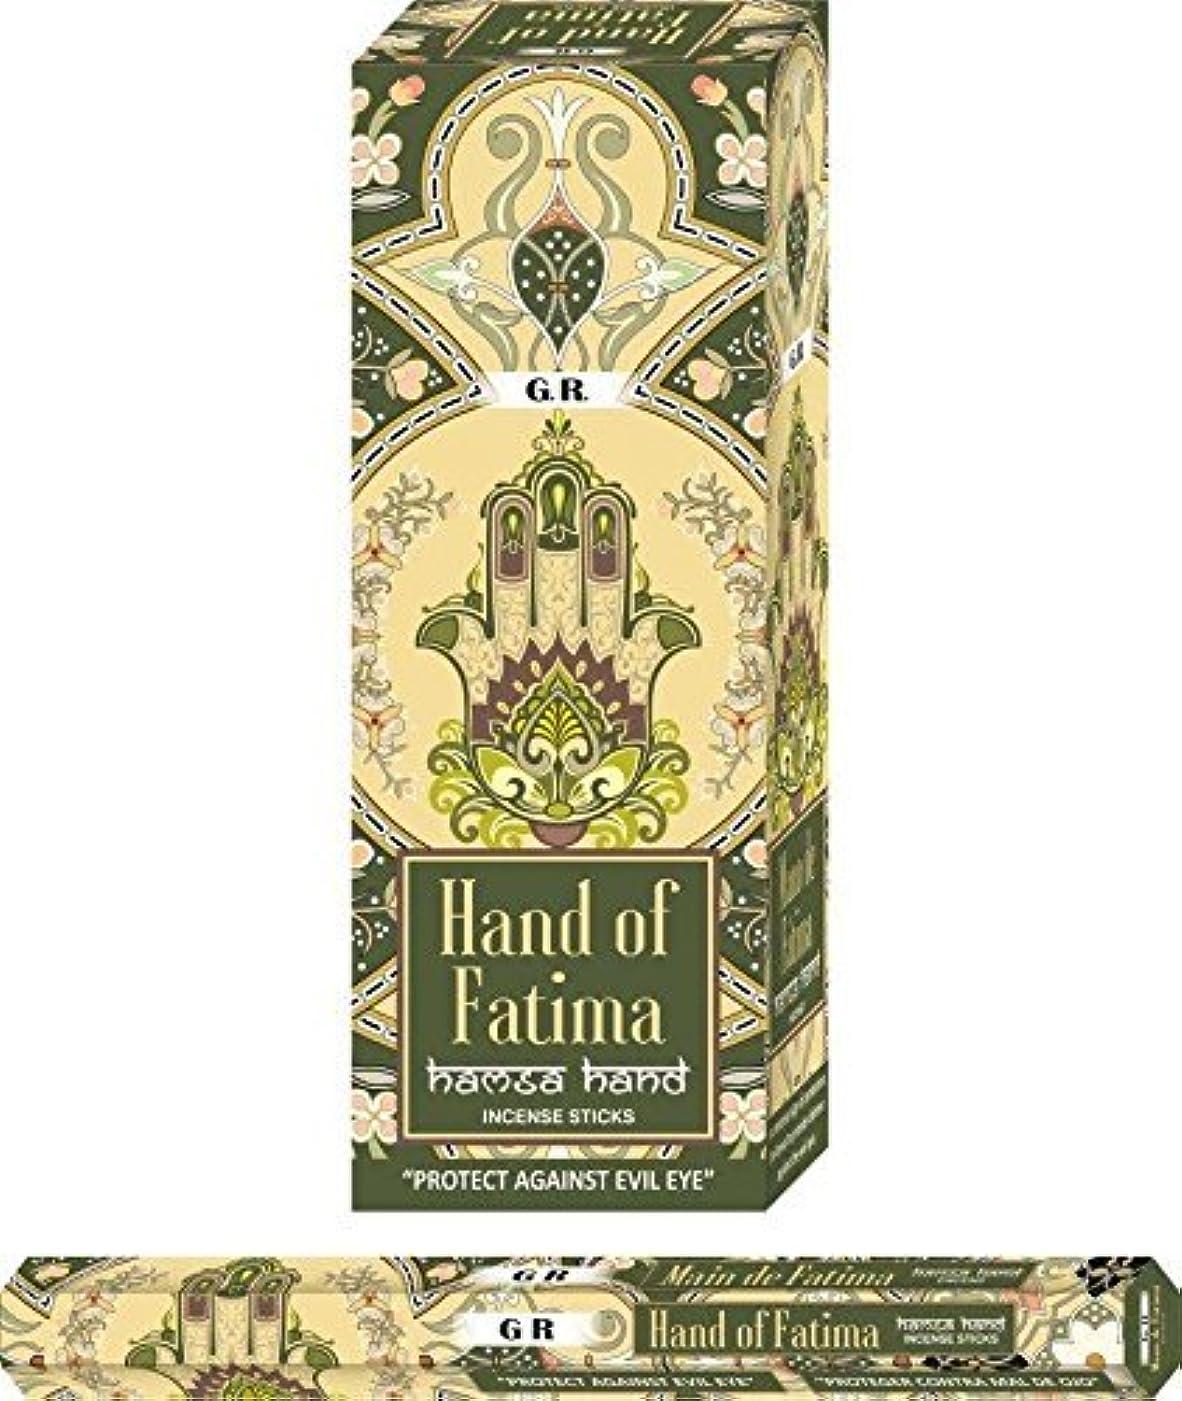 メールを書くシンボル憲法GR Incense Sticks -120 Sticks ( Hand of Fatima )